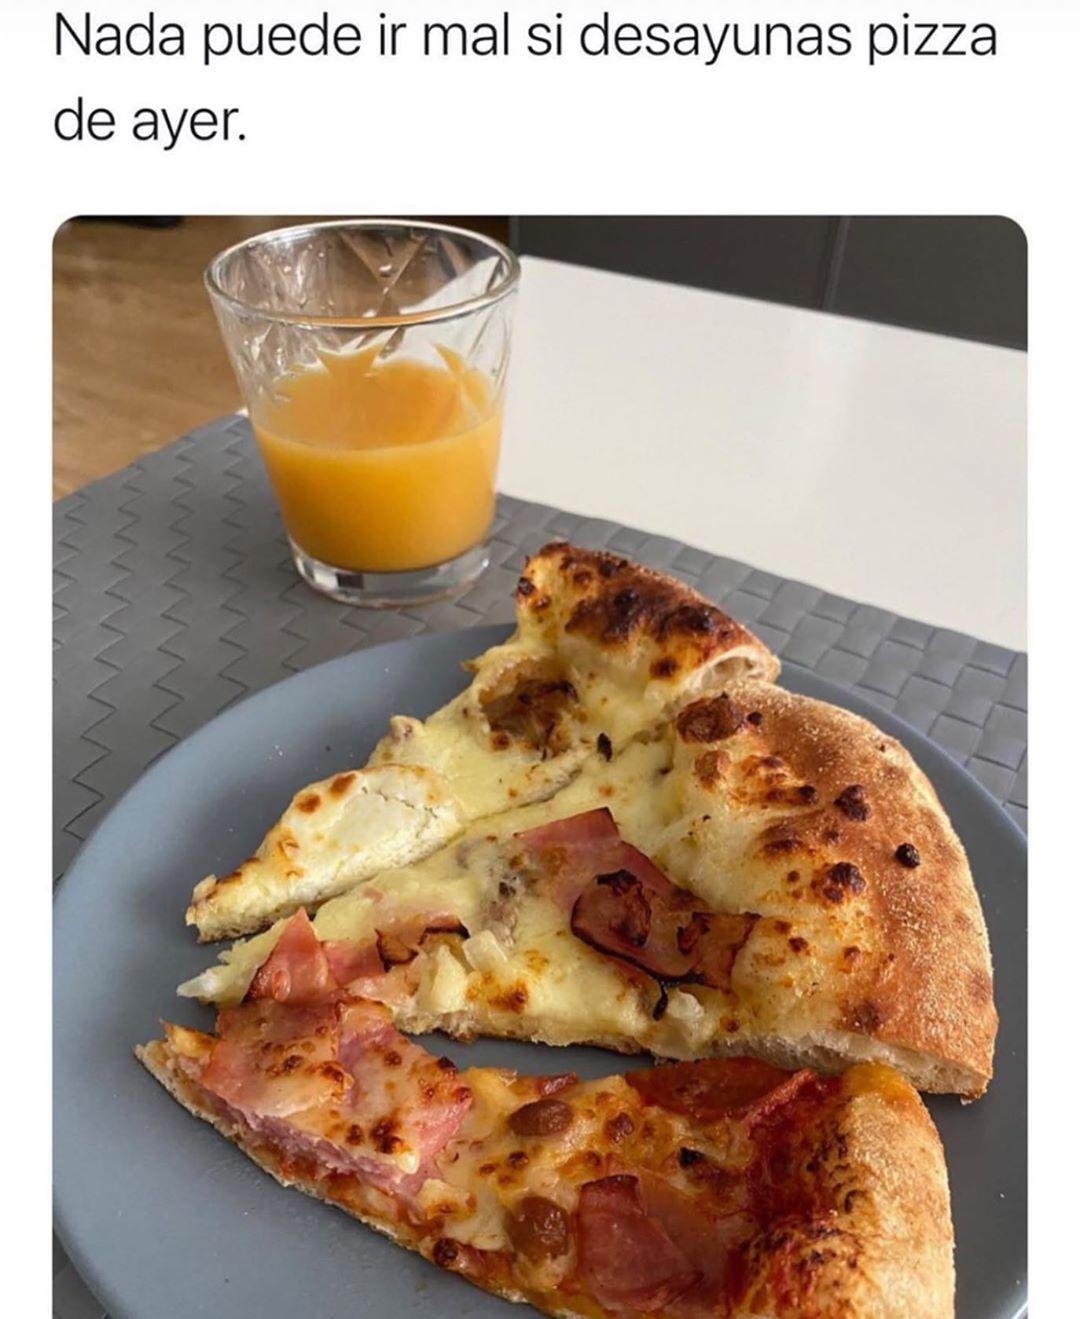 Nada puede ir mal si desayunas pizza de ayer.